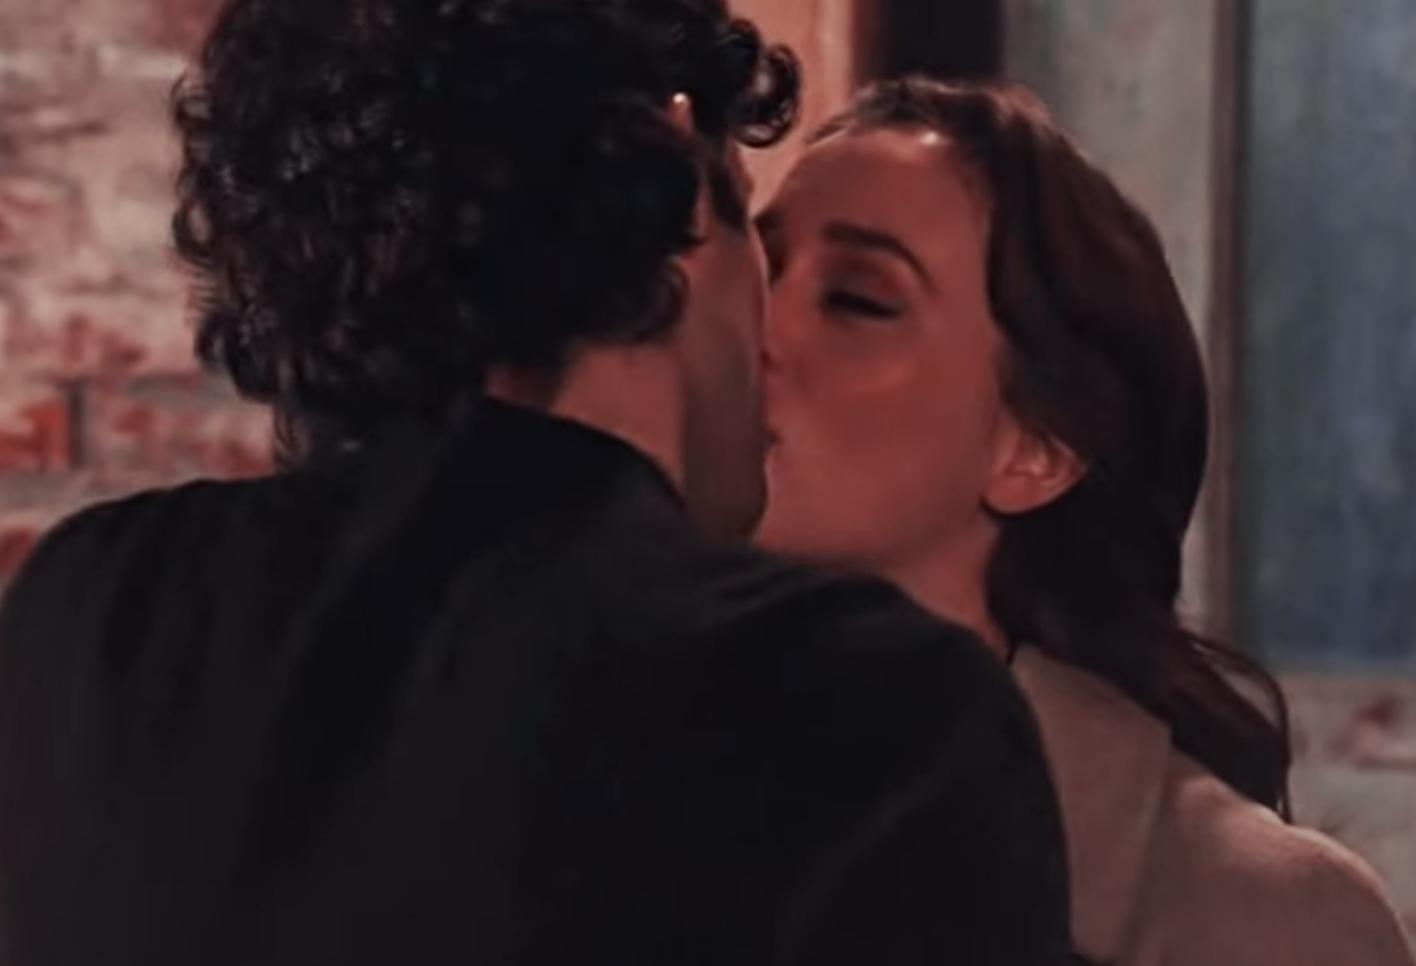 Dan and Blair kissing